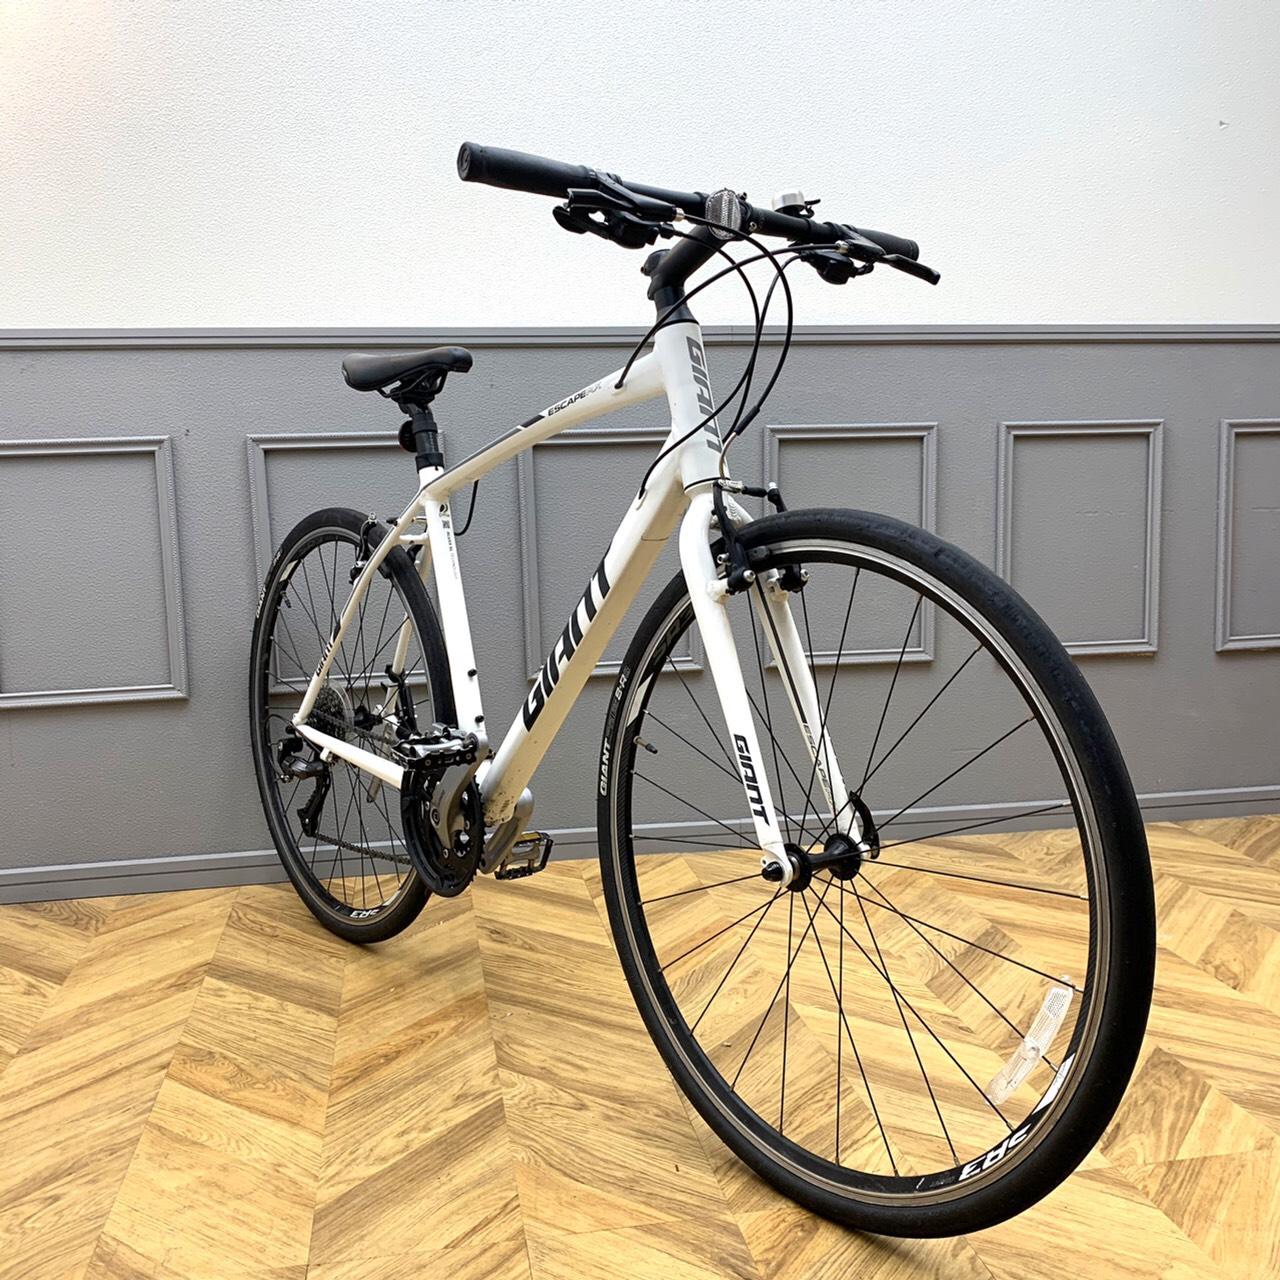 GIANTジャイアント ESCAPE RX3 2019年モデル